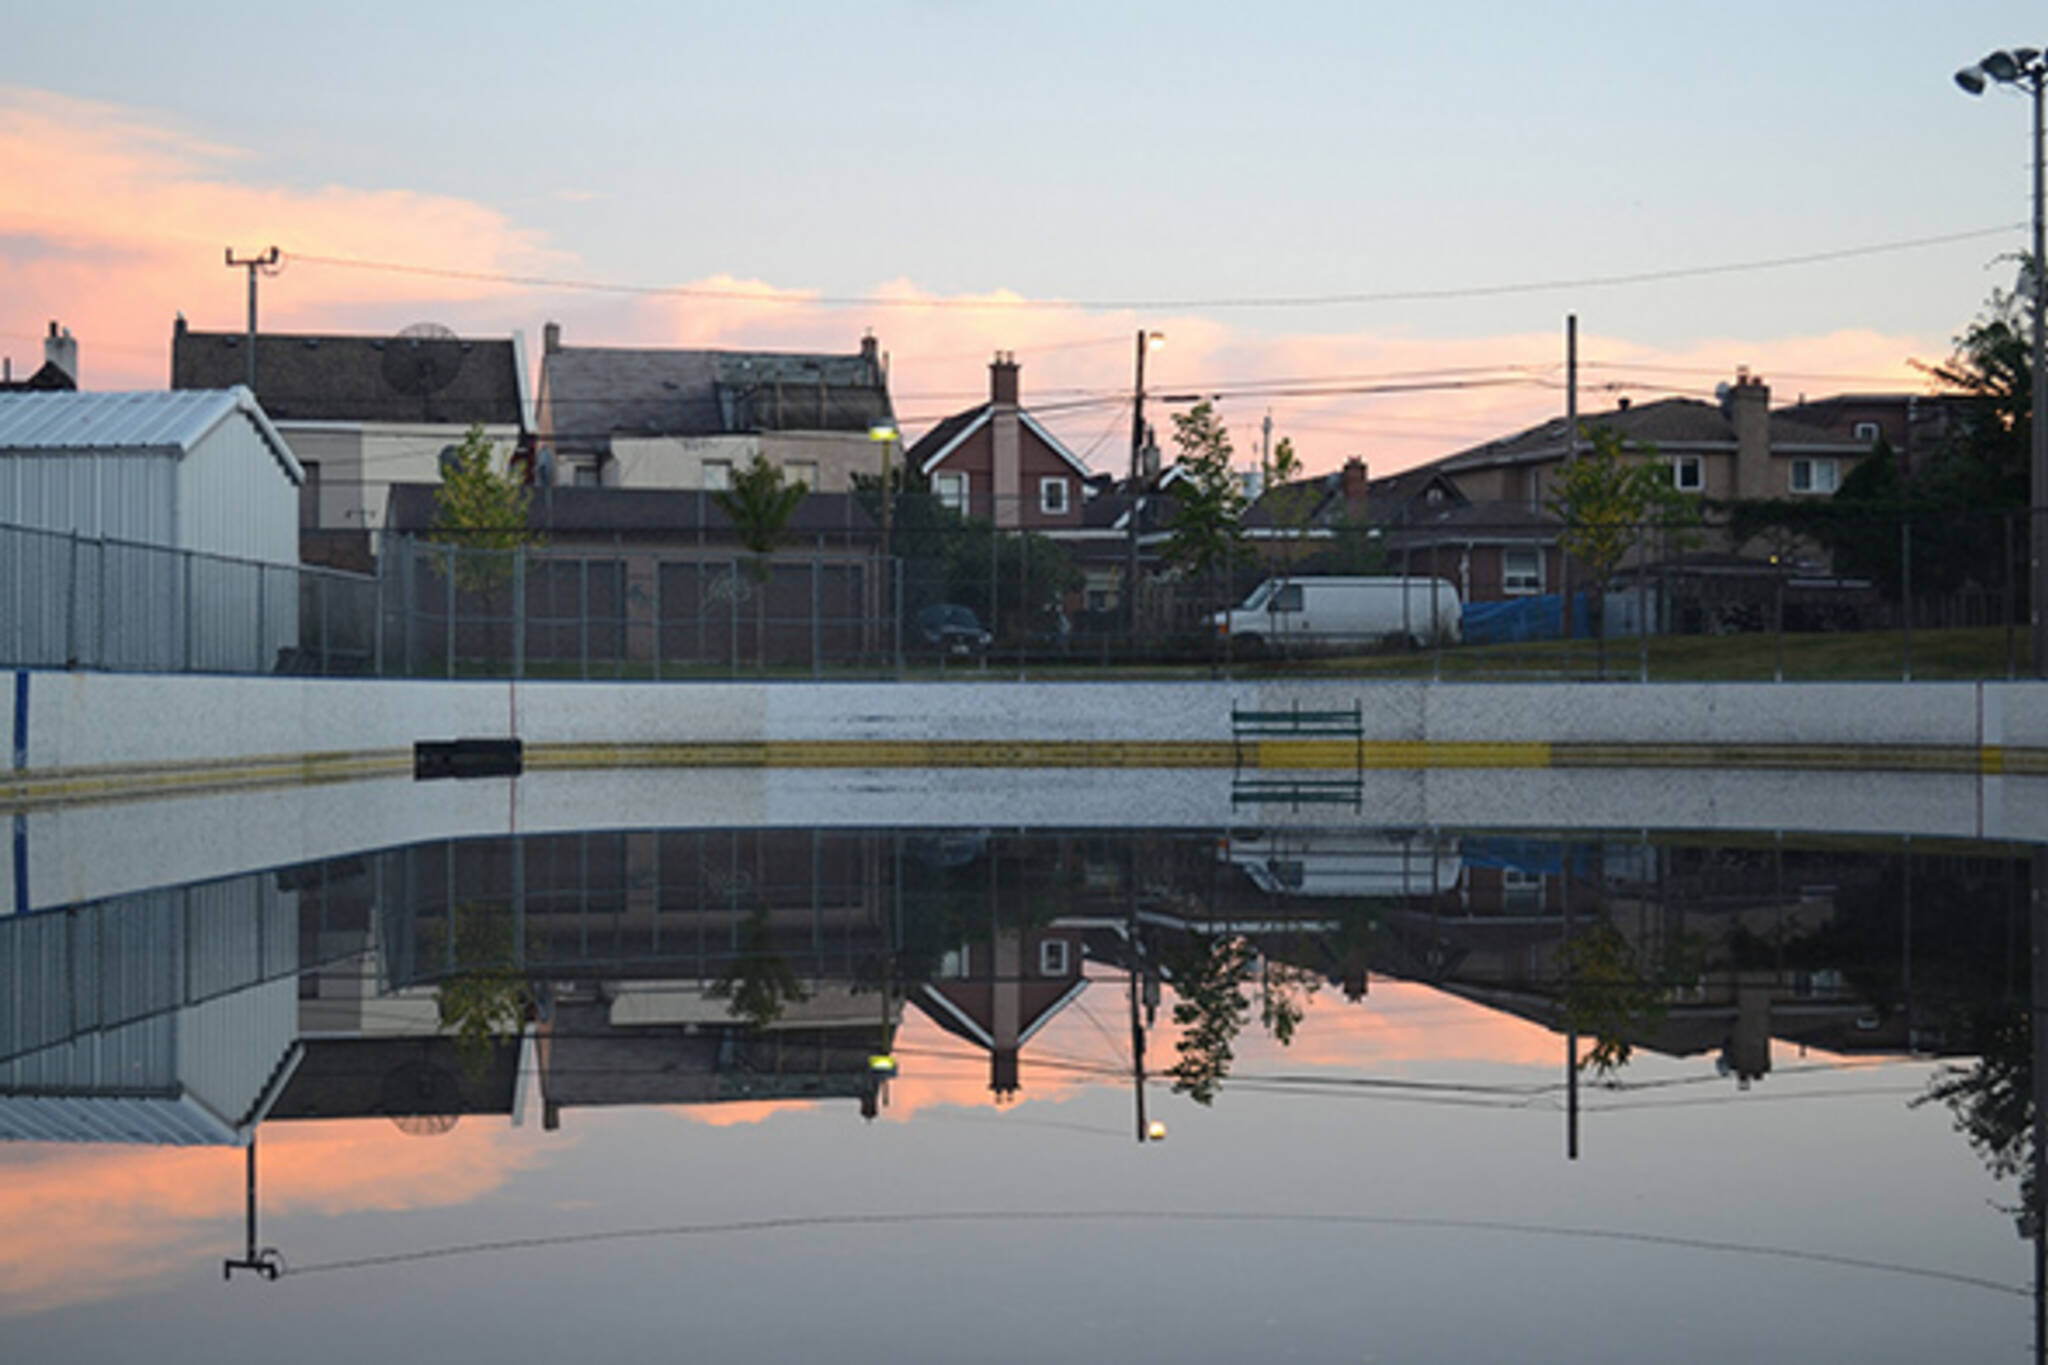 wallace hockey rink